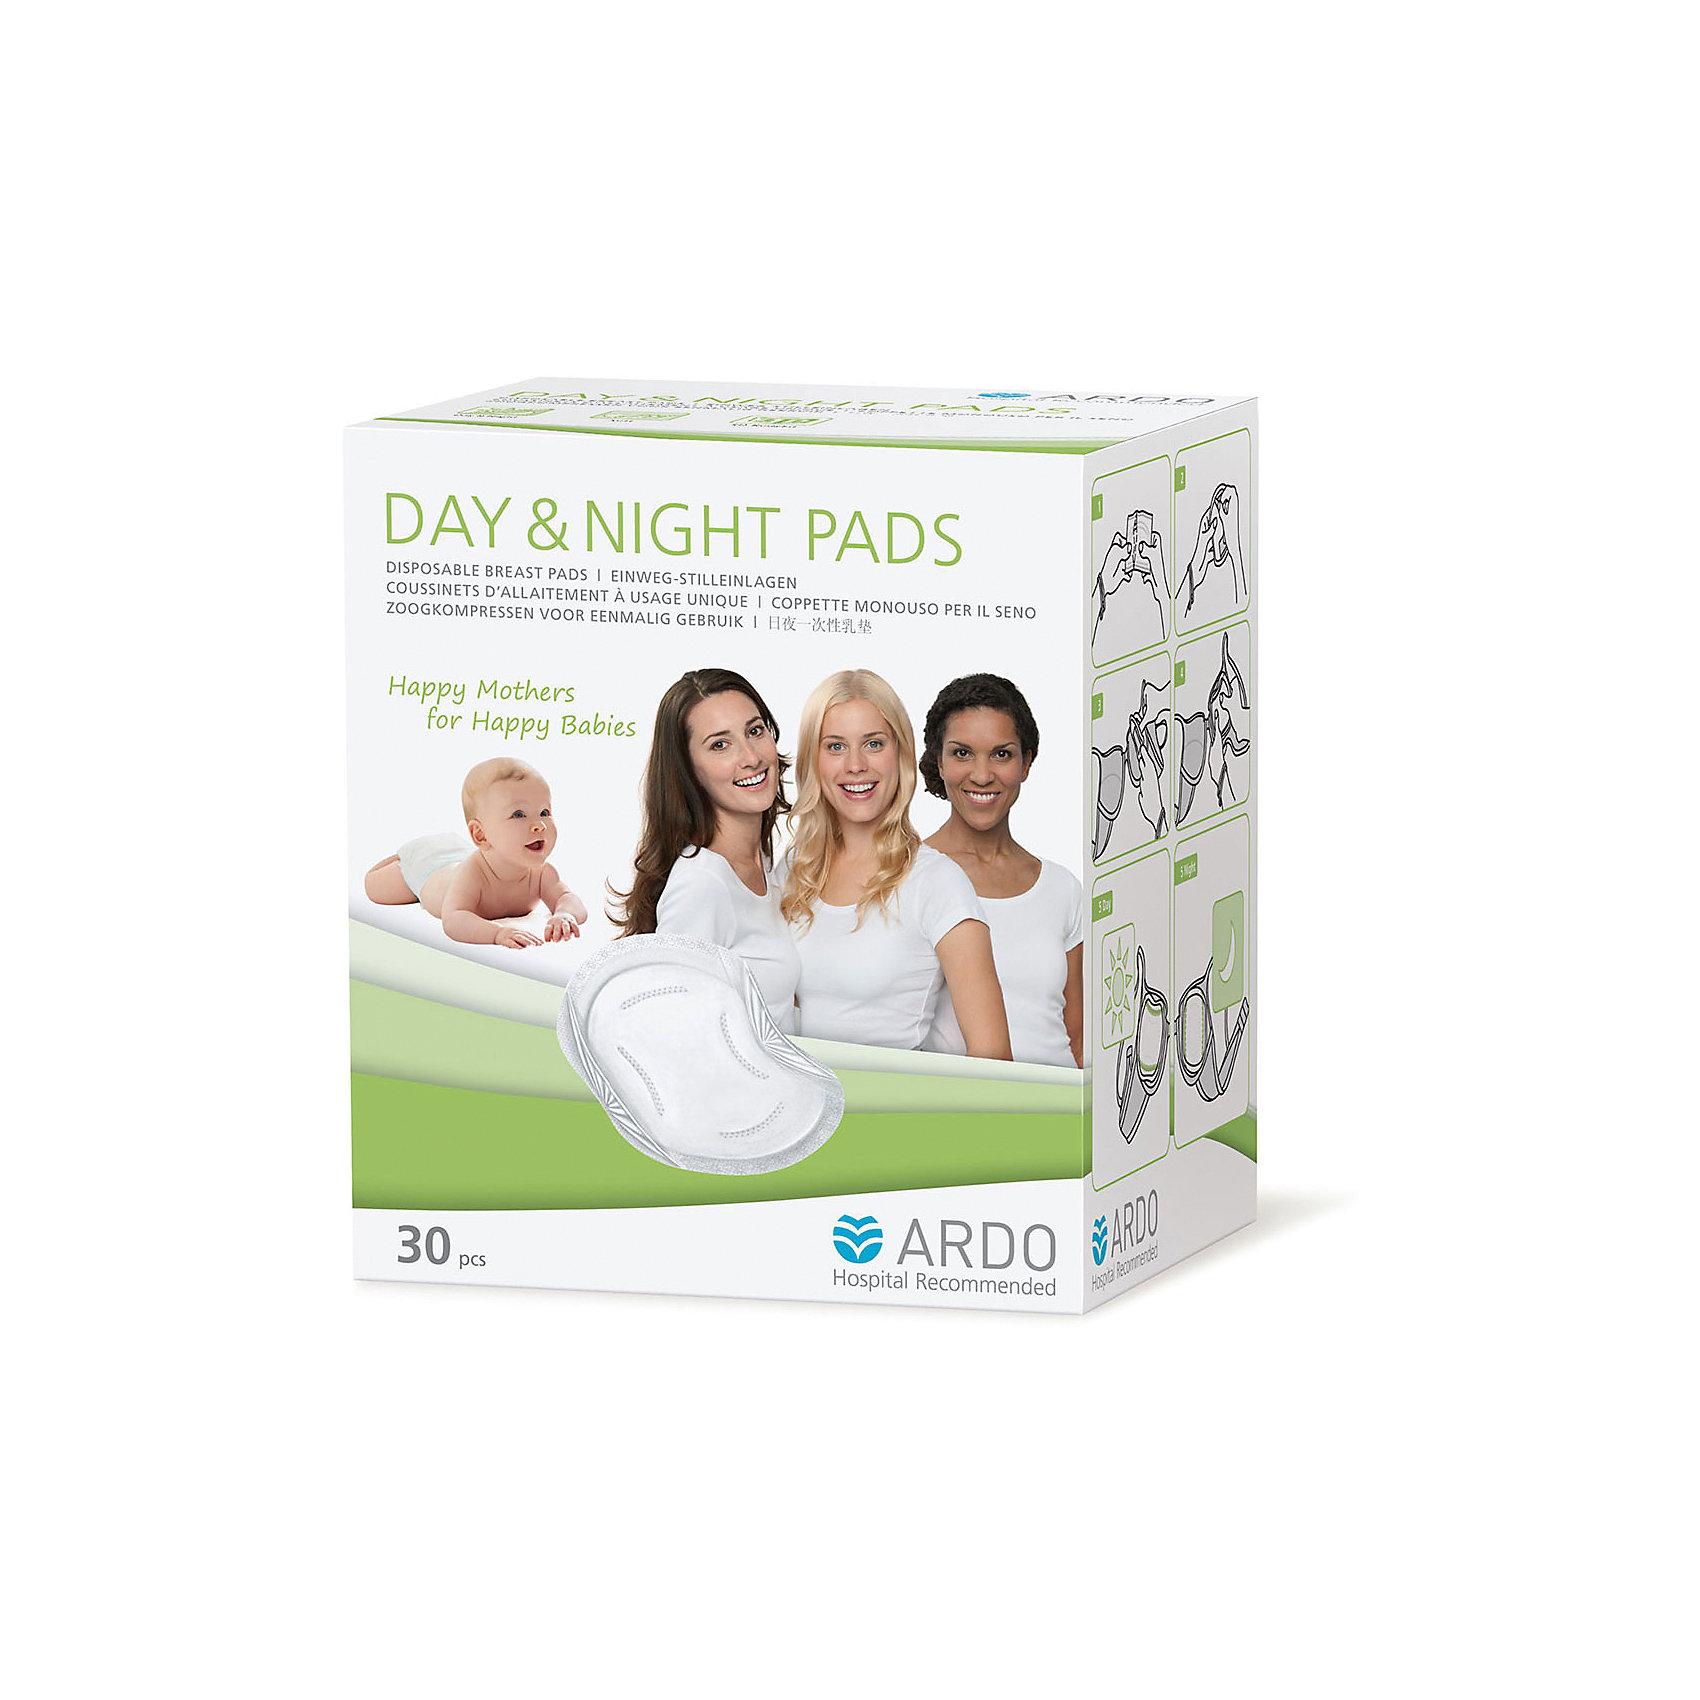 Одноразовые прокладки для бюстгальтера DAY  NIGHT PADS, ARDO, 30 шт